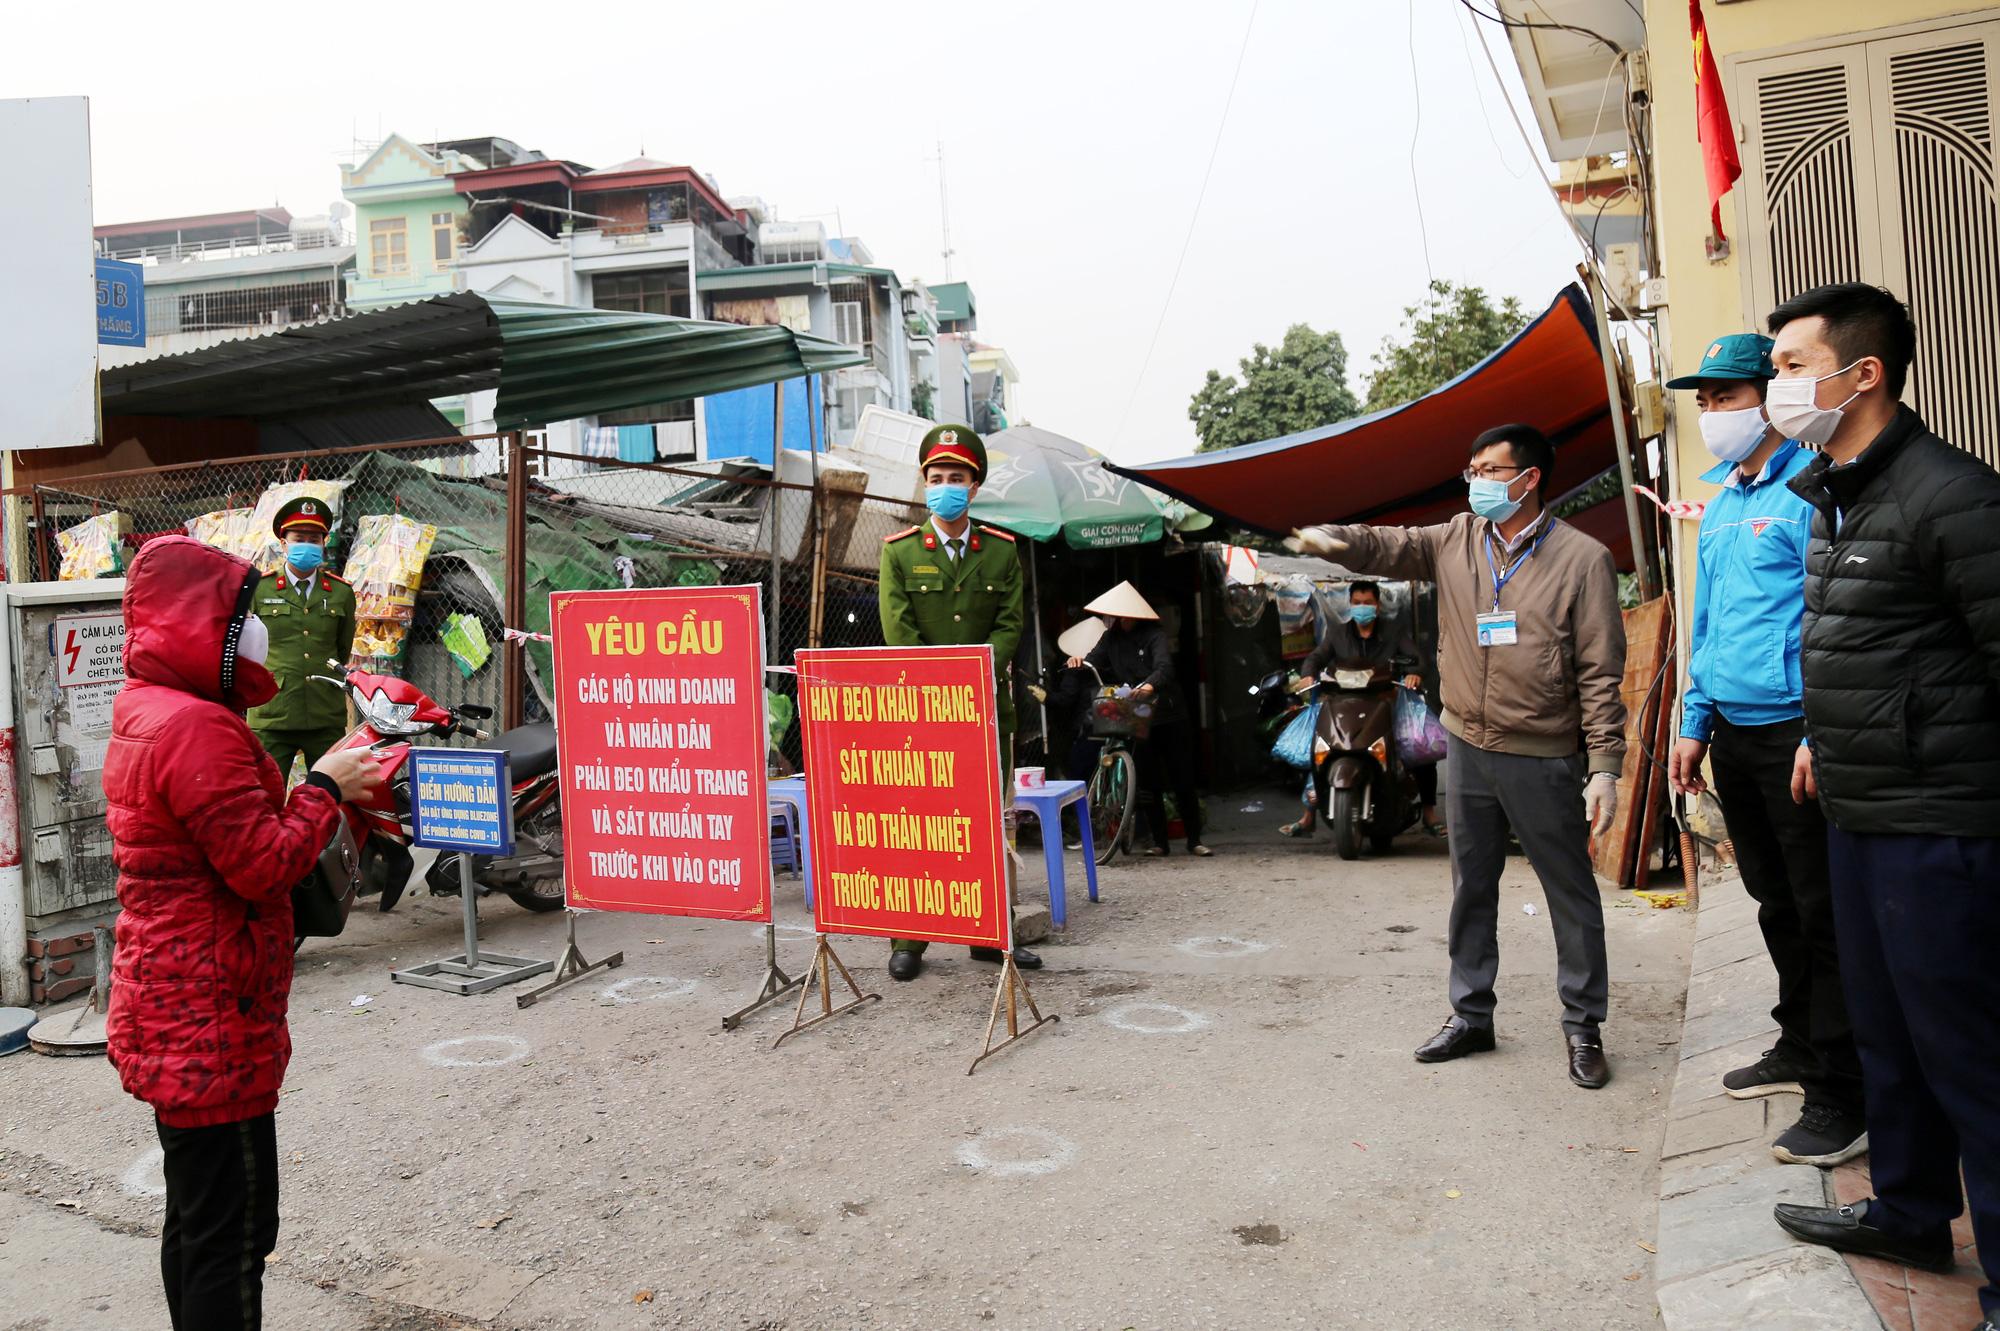 Quảng Ninh: Phong tỏa tạm thời một chợ tại TP.Hạ Long - Ảnh 1.